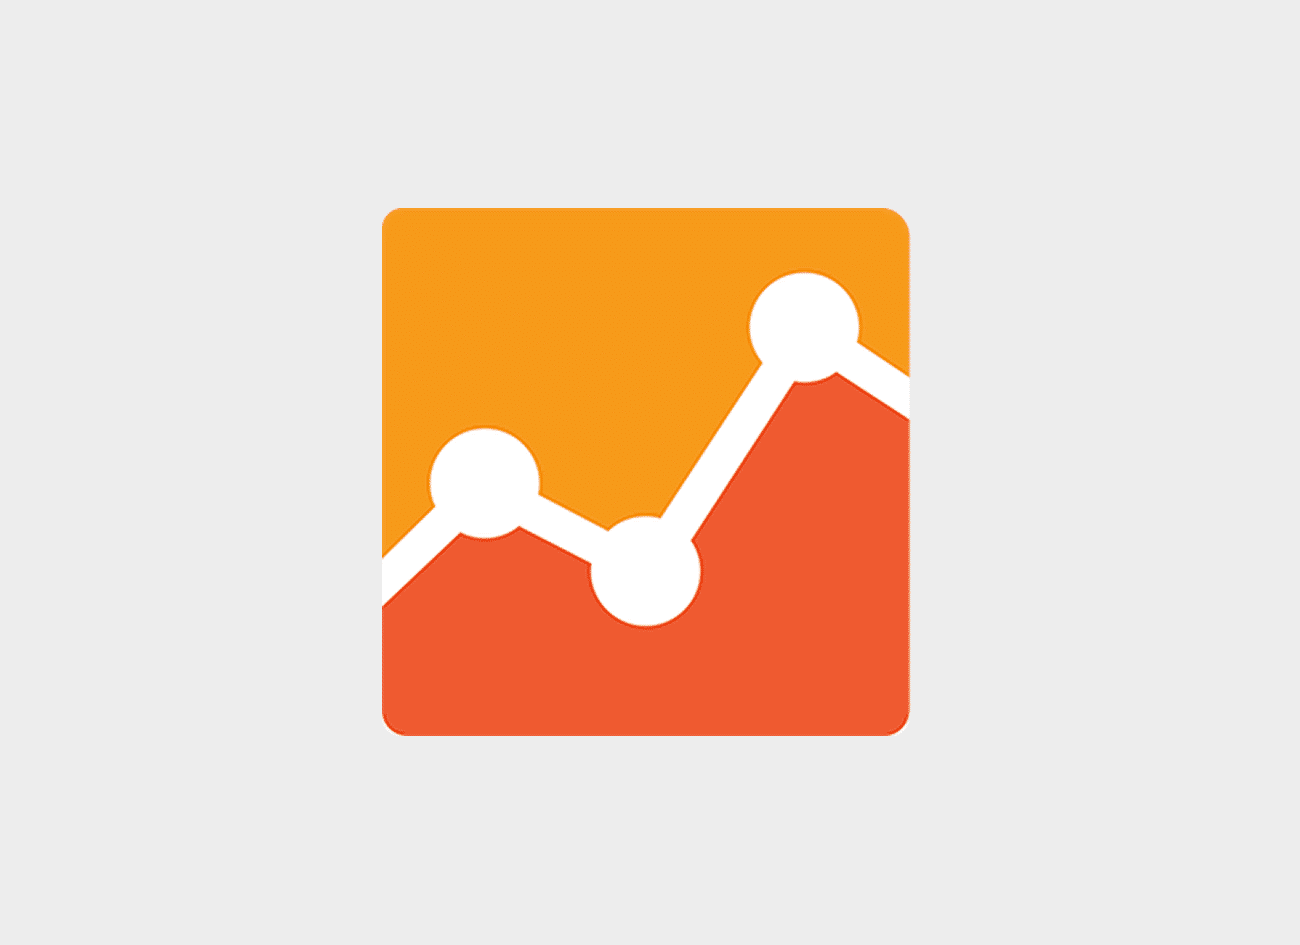 Analizar los datos recibidos sobre visitas, visibilidad, conversión, etc. es fundamental para rentabilizar cualquier proyecto digital